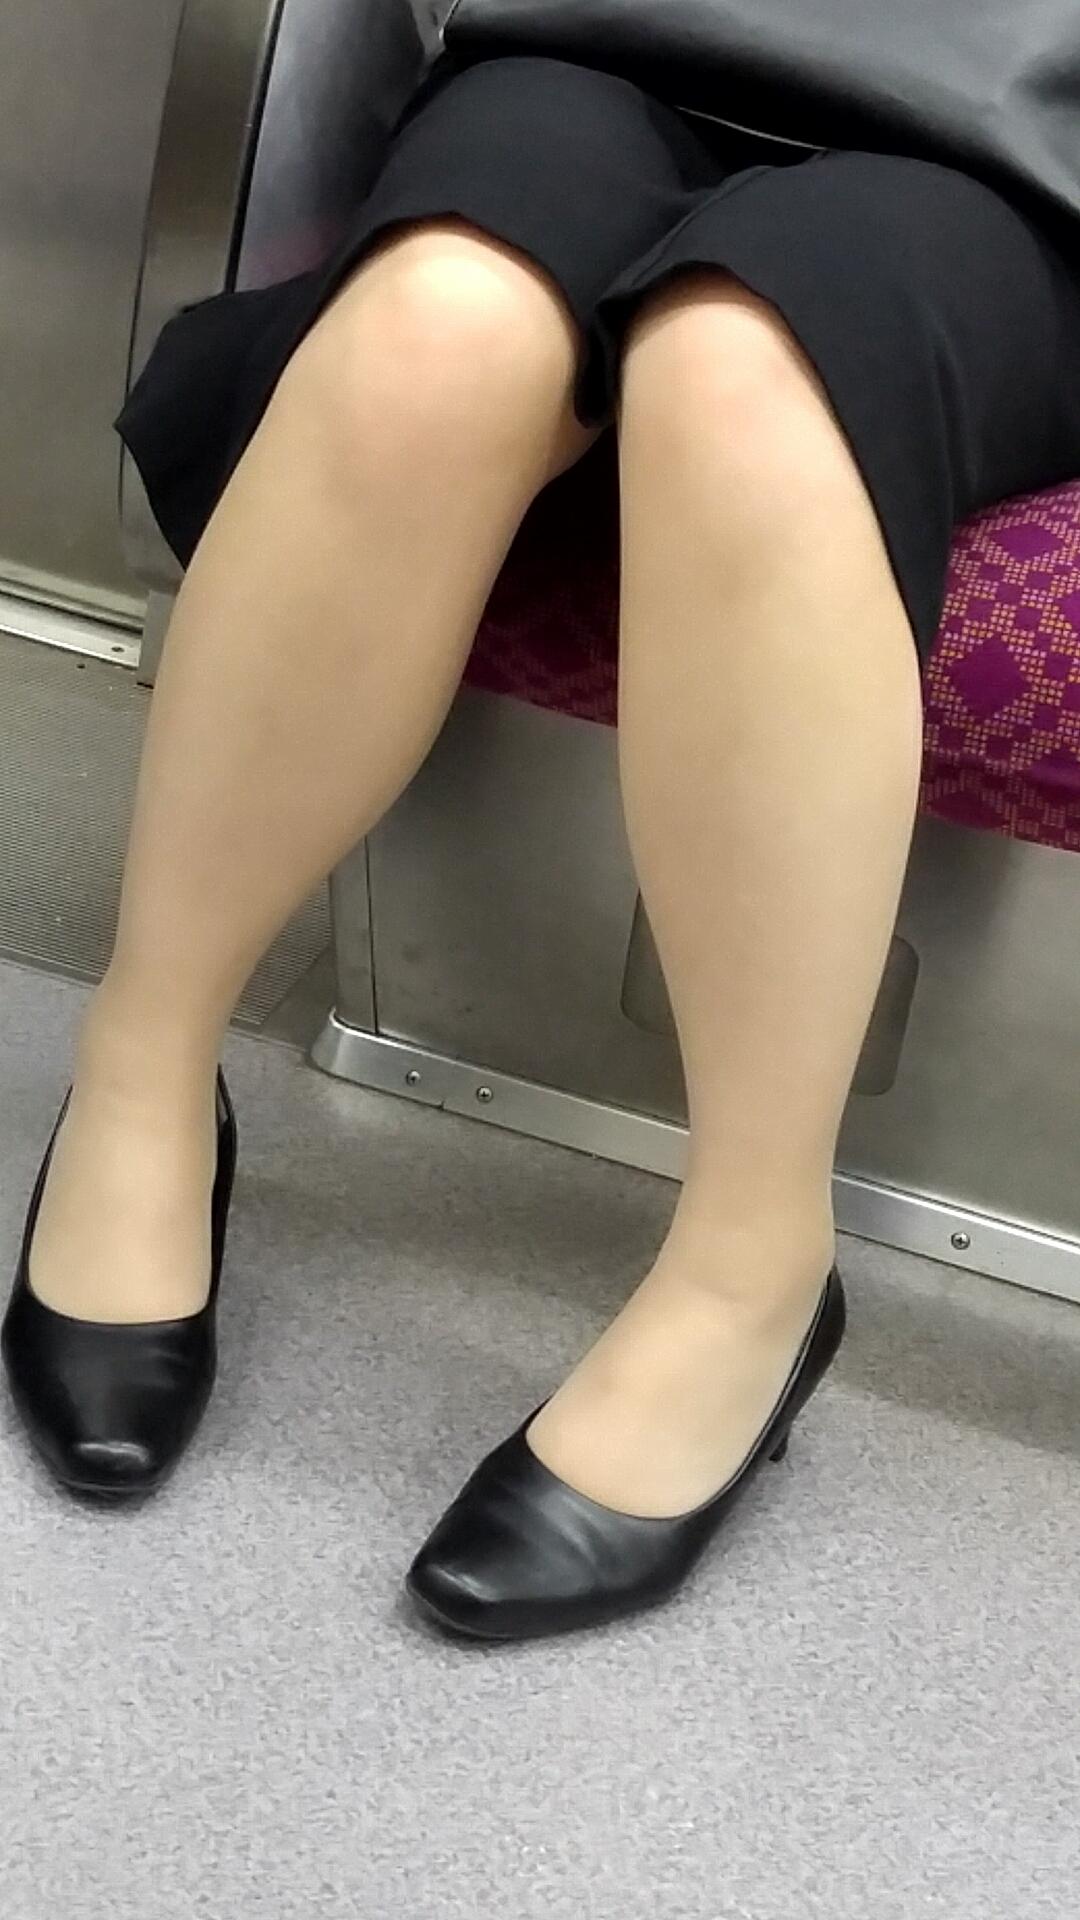 20160708_221946238.jpg